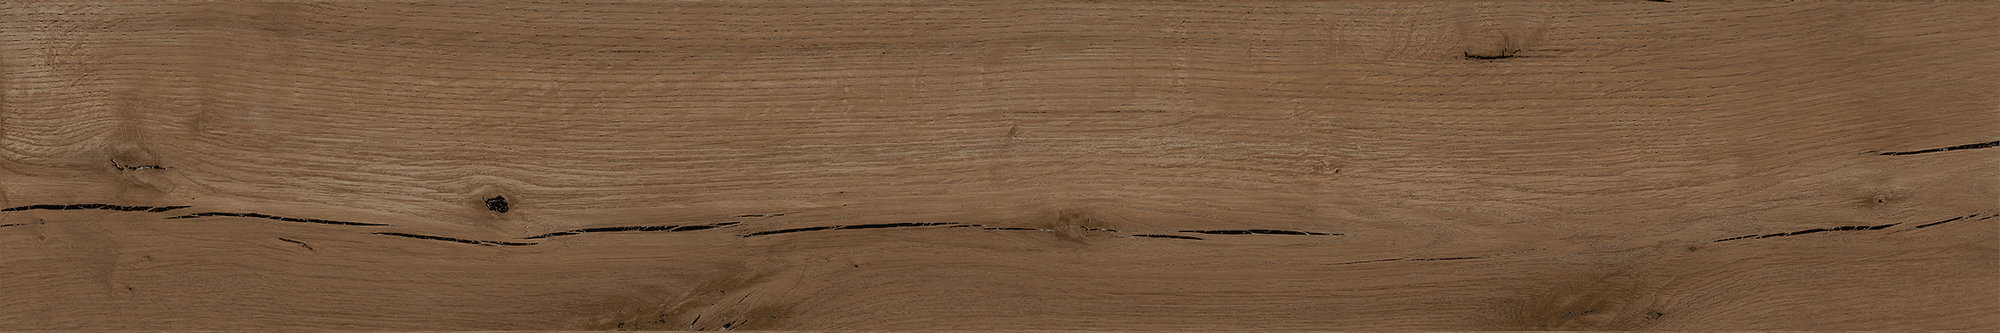 Mumble-T 19,5x121,5 płytka drewnopodobna ciemna brązowa gładka ze żłobieniami